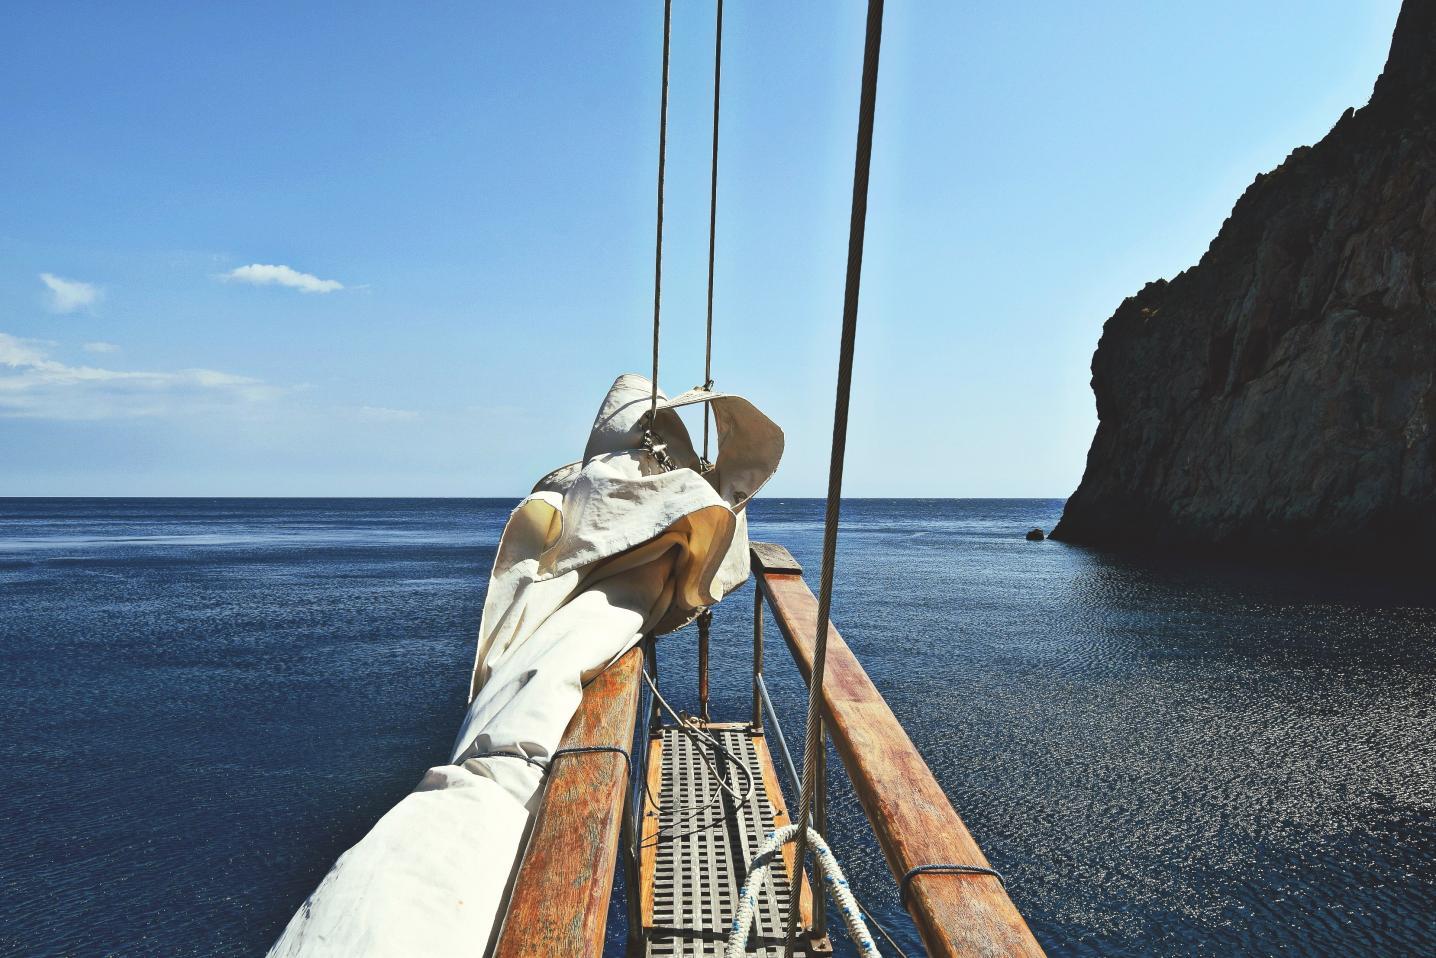 True Blue Sailing - 89 Reviews on TourRadar